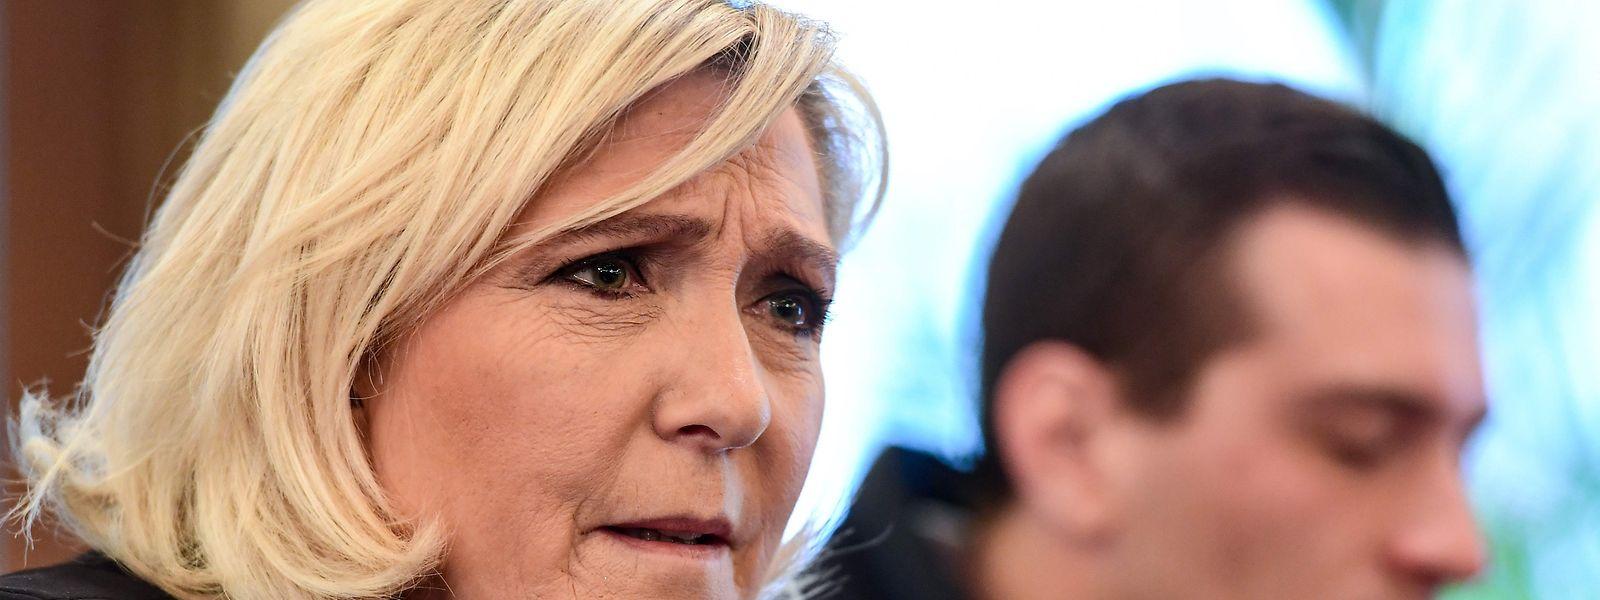 """Marine Le Pen, die Anführerin der rechtspopulistischen Partei """"Rassemblement National""""."""